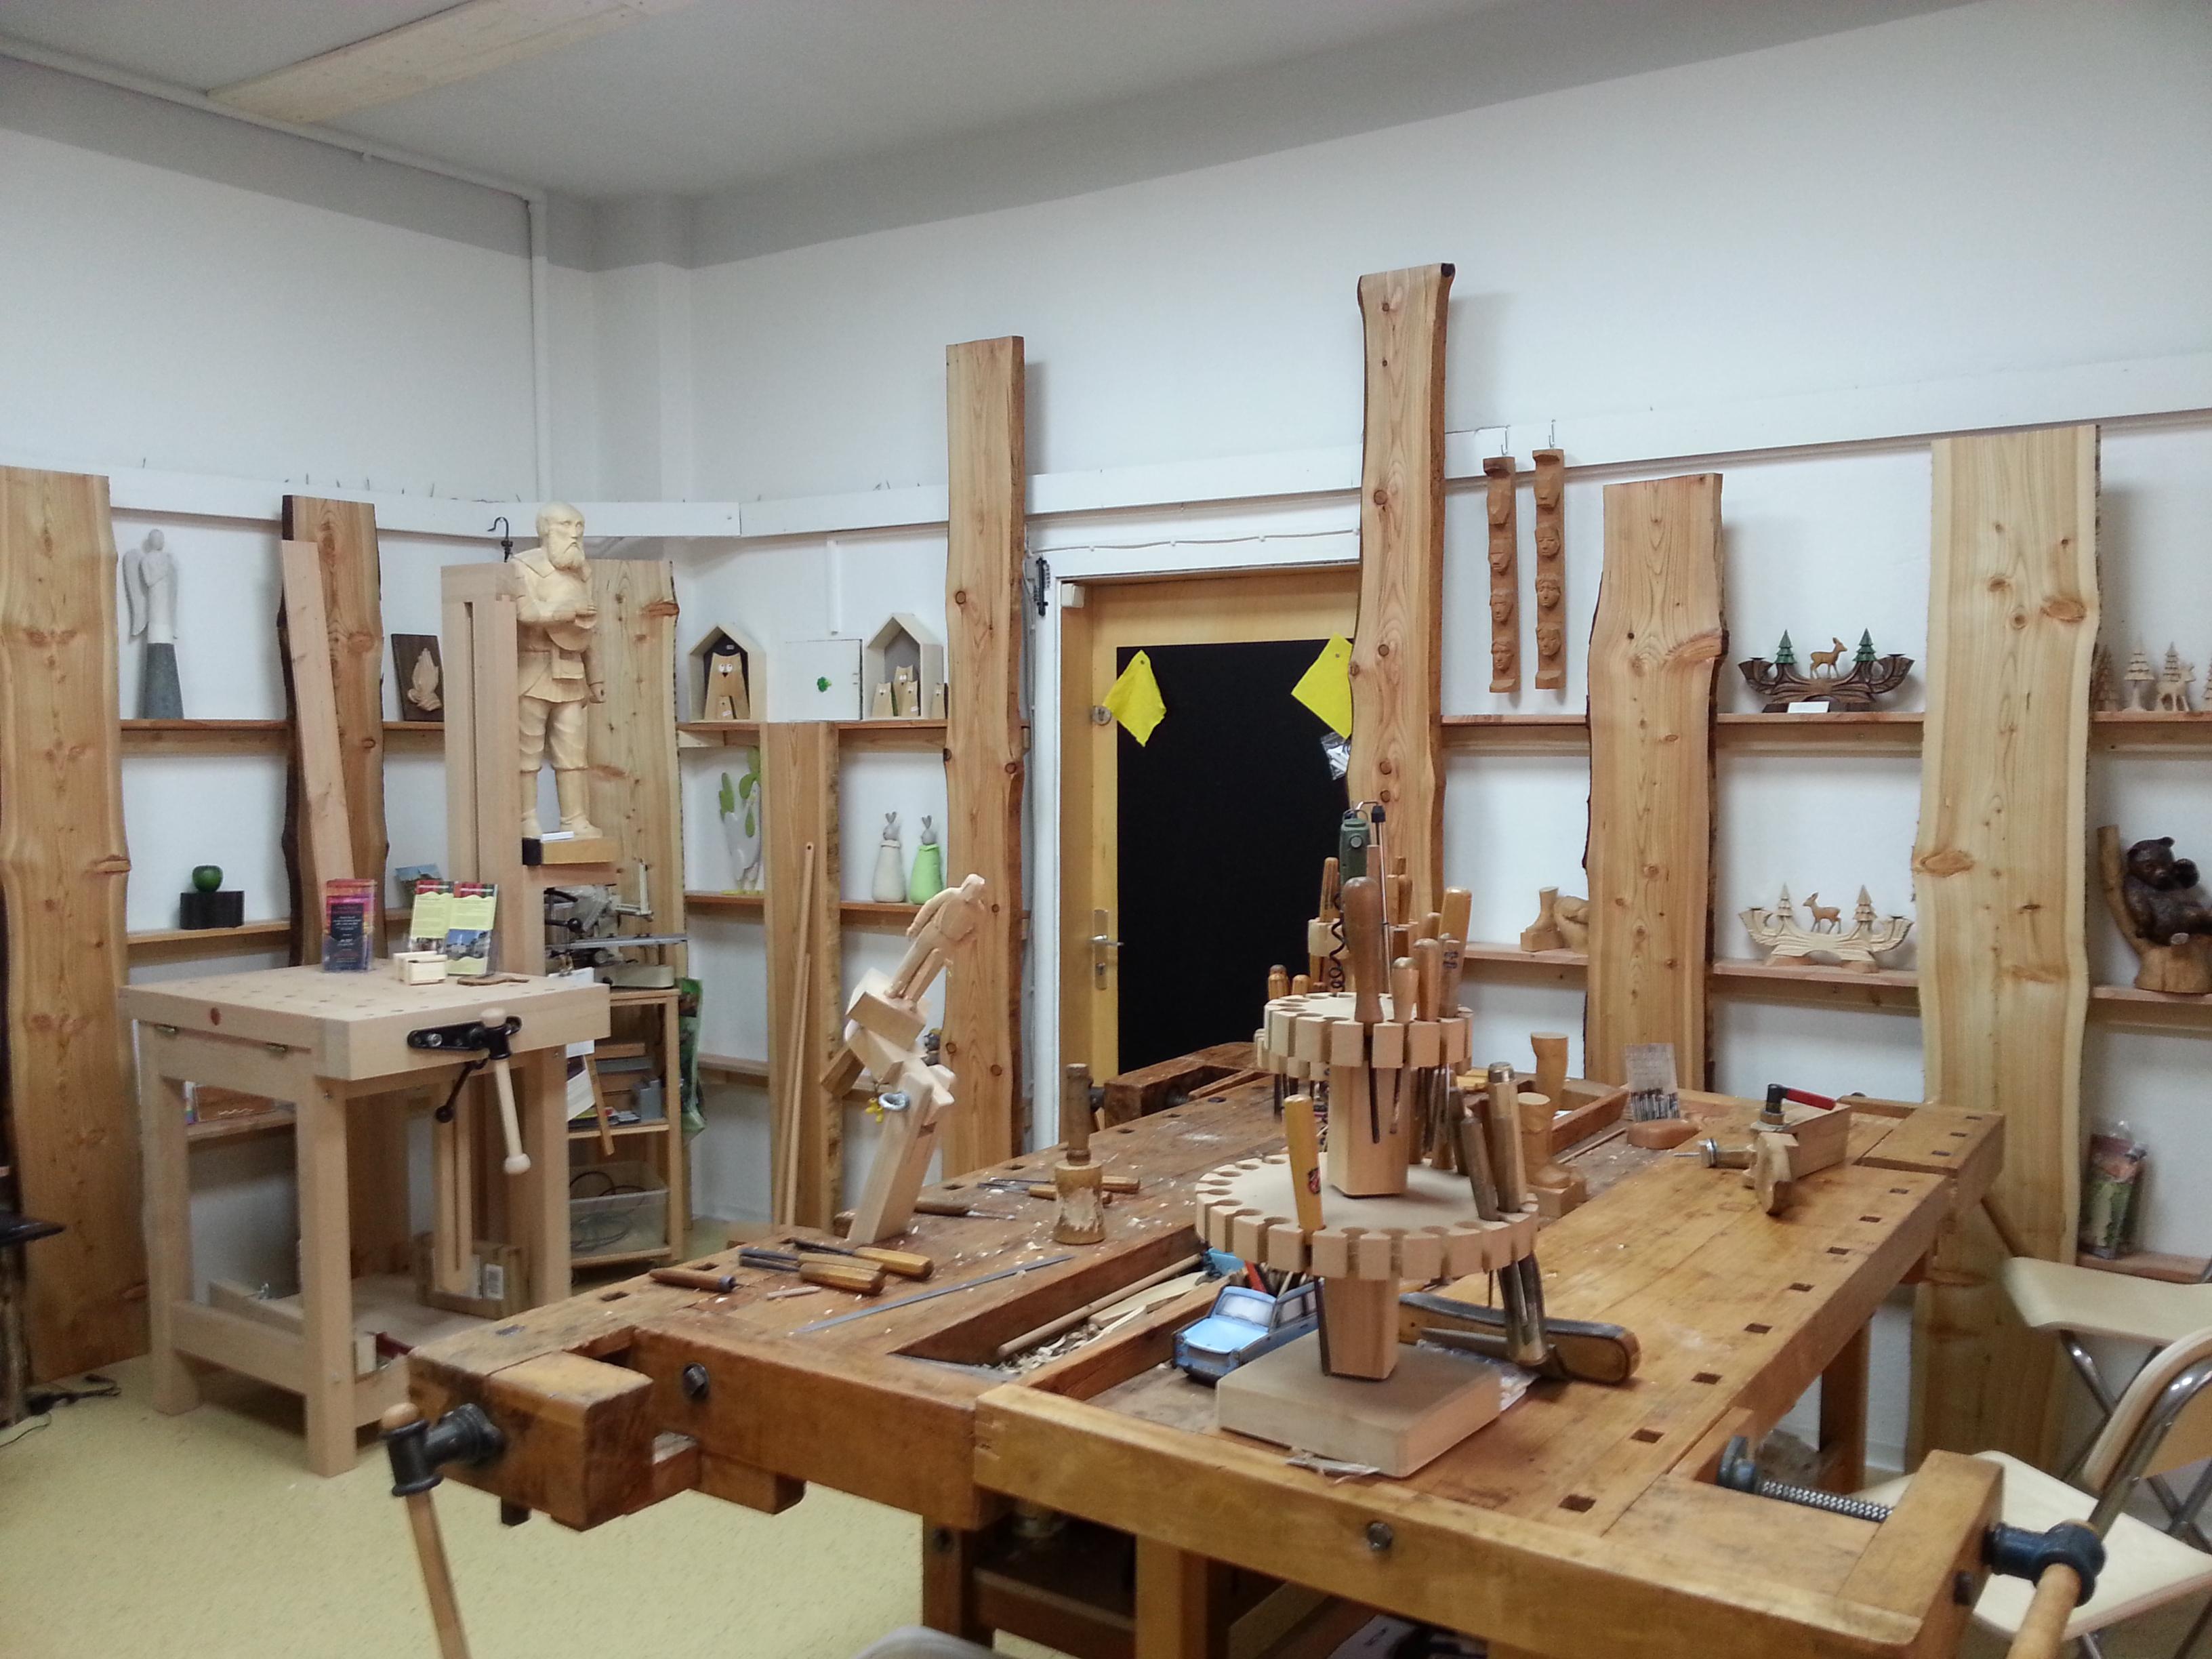 Holz und Kunst erleben - Holzbildhauer Lars Neubert